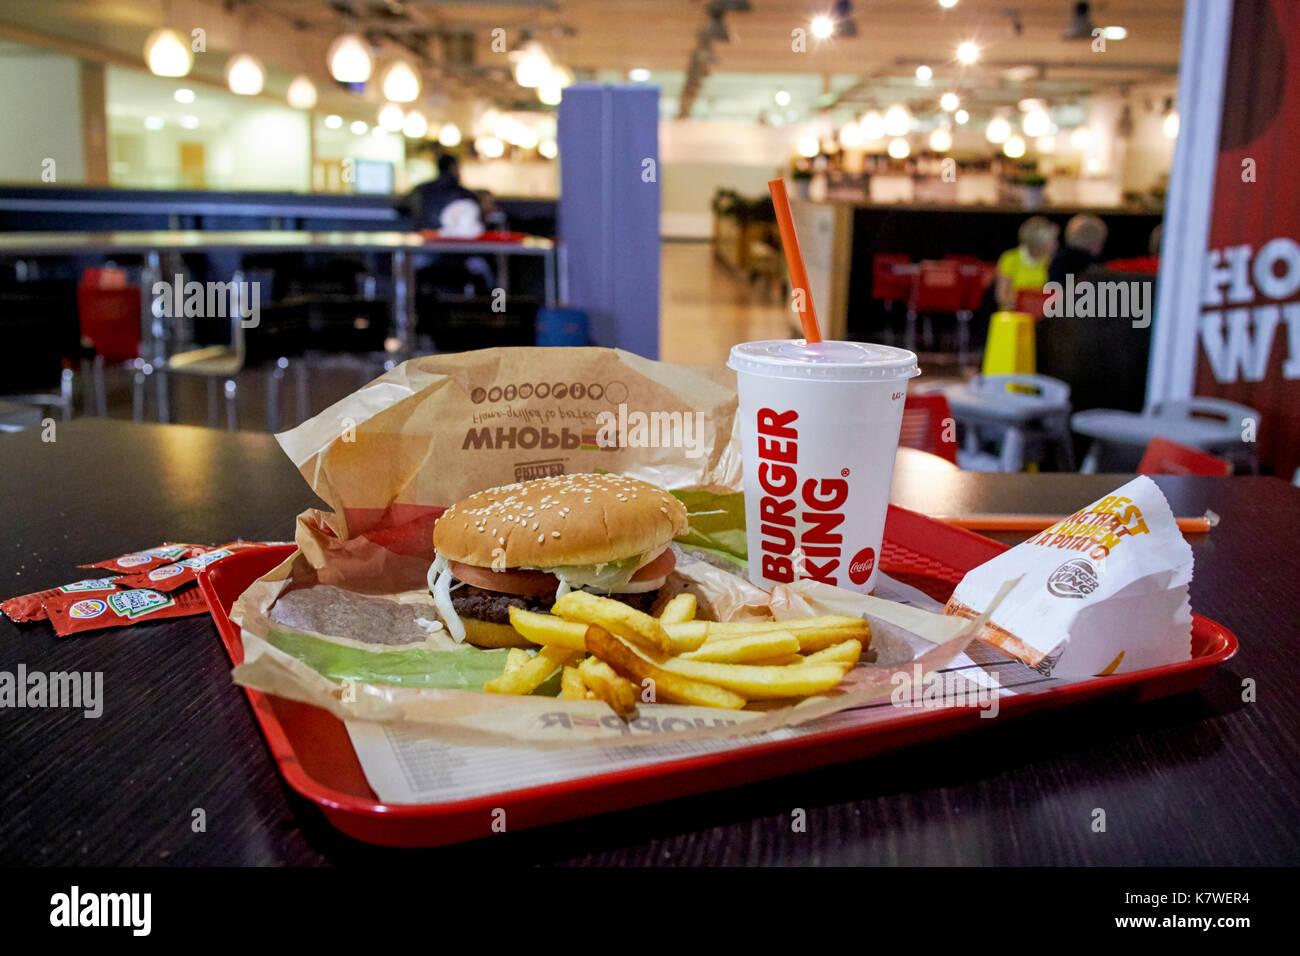 Burger king repas sur un plateau dans un restaurant dans un aéroport régional dans le Royaume-Uni à la nuit l'attente sur un vol retardé Photo Stock